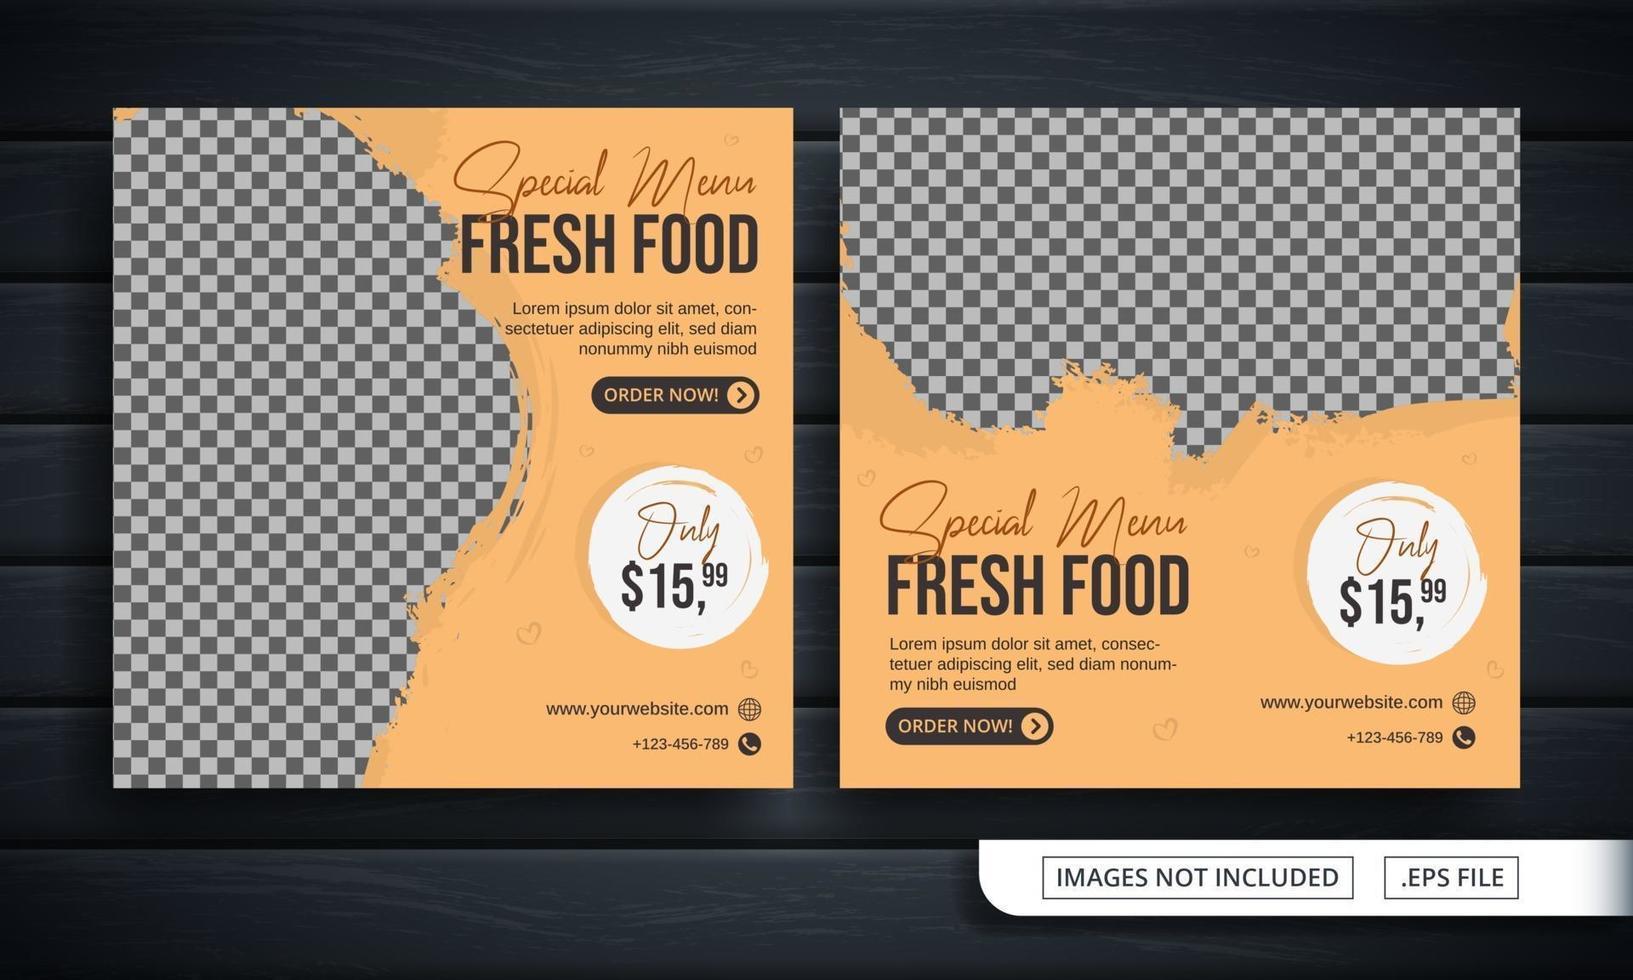 flygblad eller sociala medier banner för ny meny försäljning vektor